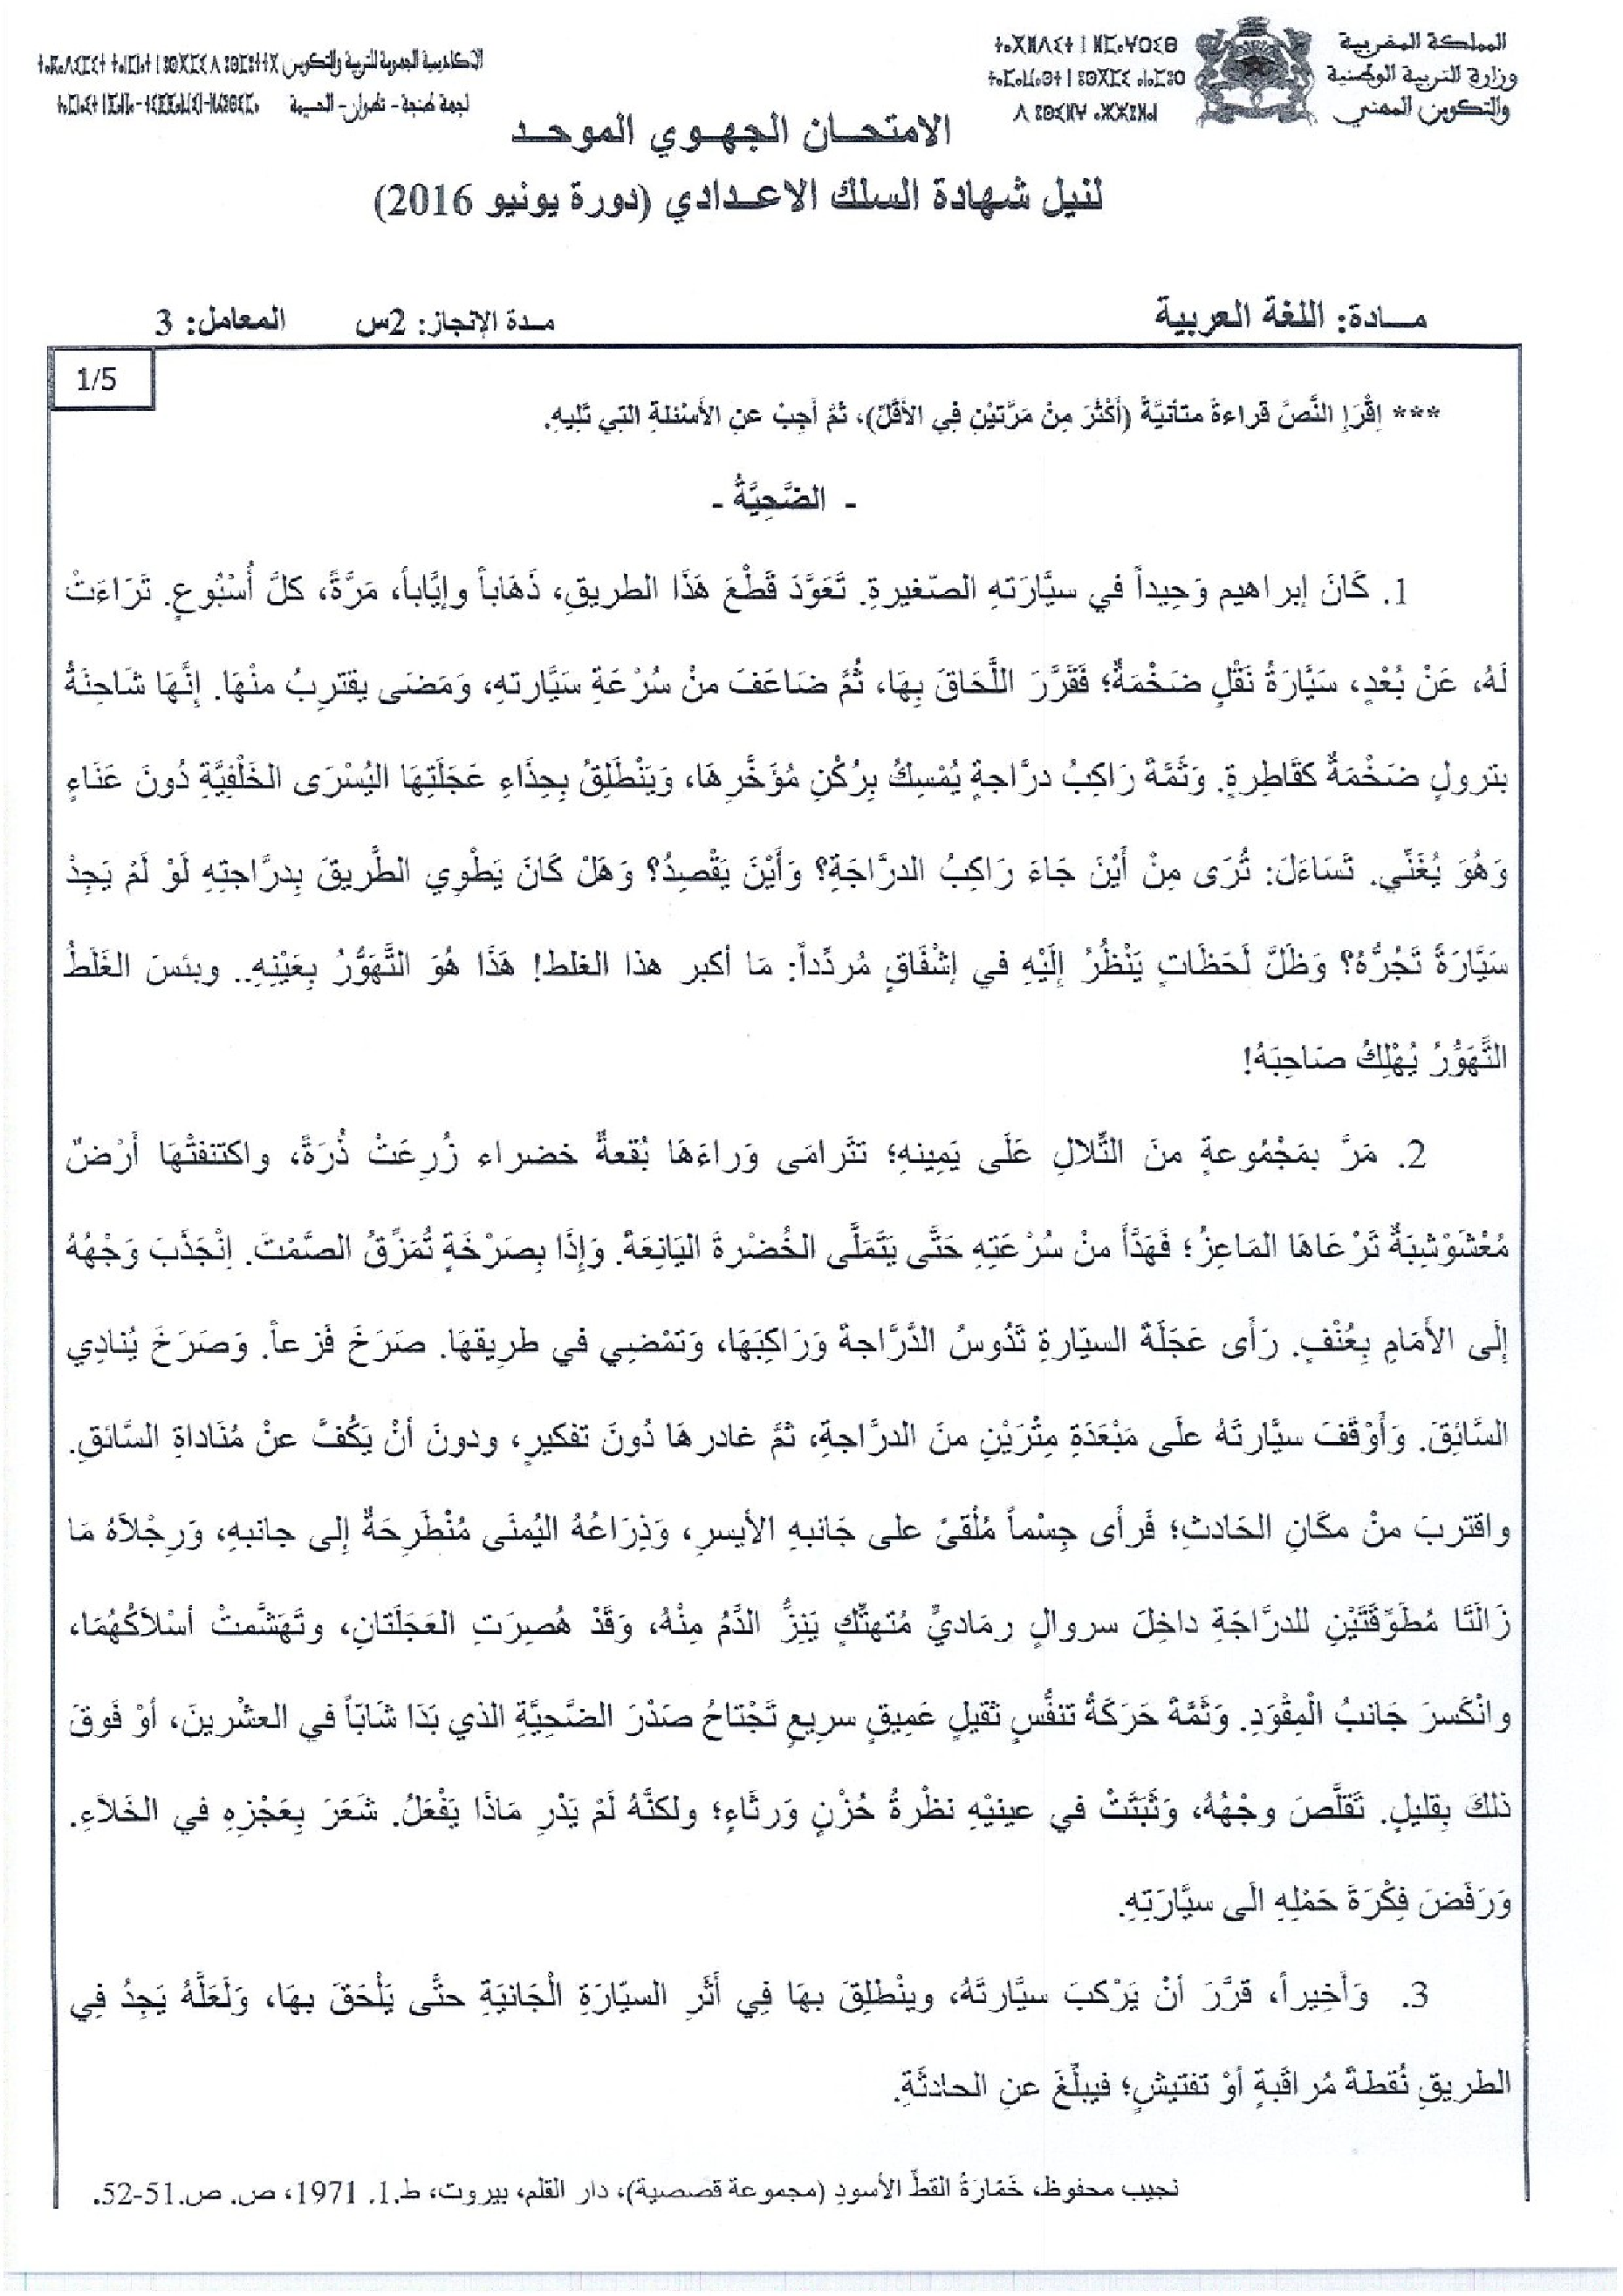 الإمتحان الموحد الجهوي لمادة اللغة العربية دورة يونيو 2016 الثالثة إعدادي